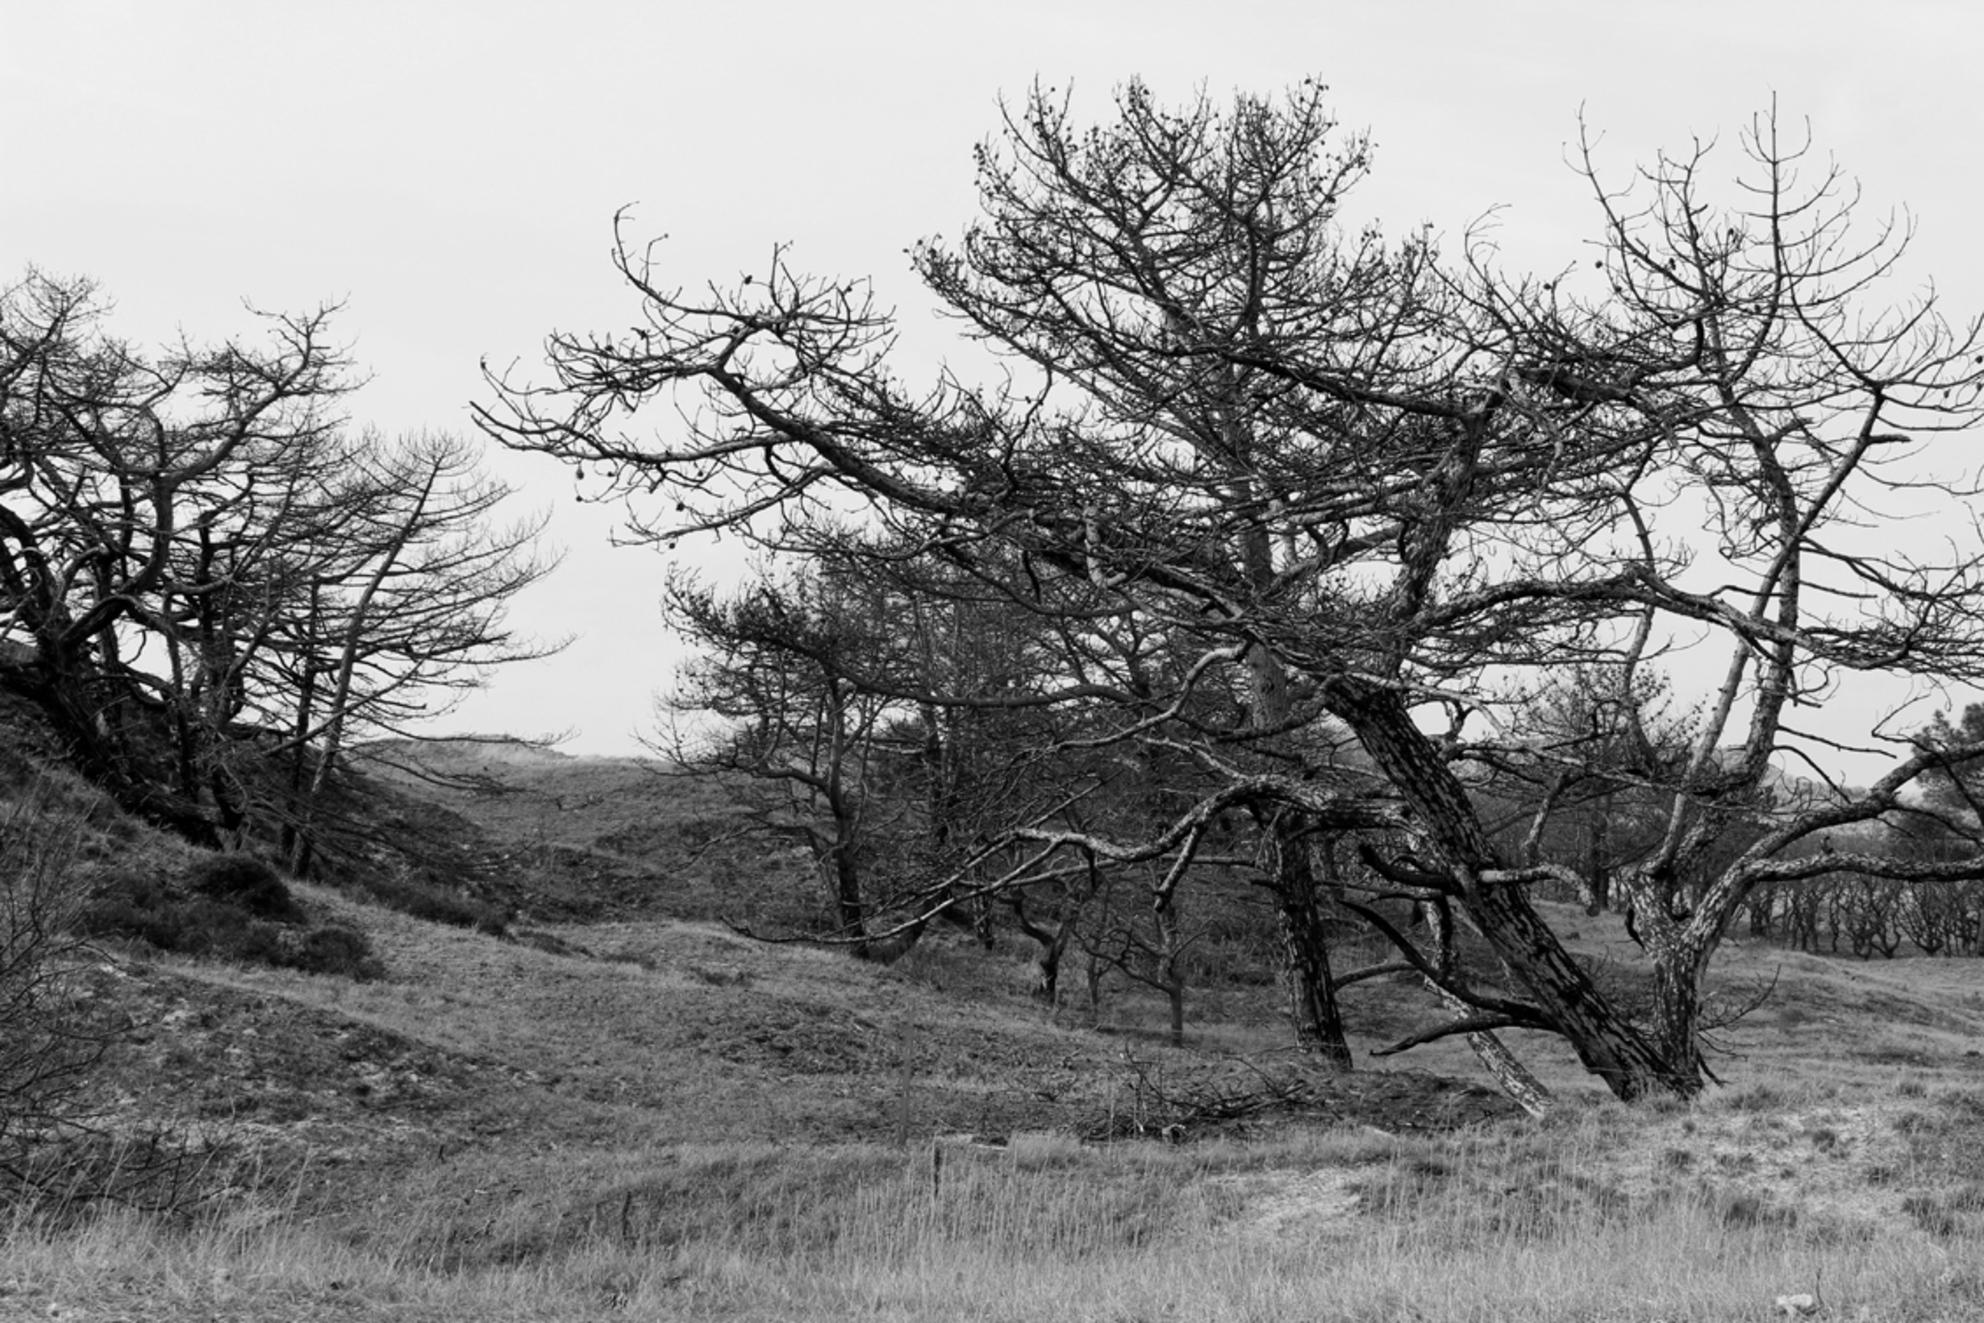 Zwart wit. - met Welmanstudio in de Schoorlse duinen. Opdracht: Zwart wit. - foto door yvonnevandermeer op 28-03-2013 - deze foto bevat: duinen, schoorl, zwart wit, roet route - Deze foto mag gebruikt worden in een Zoom.nl publicatie